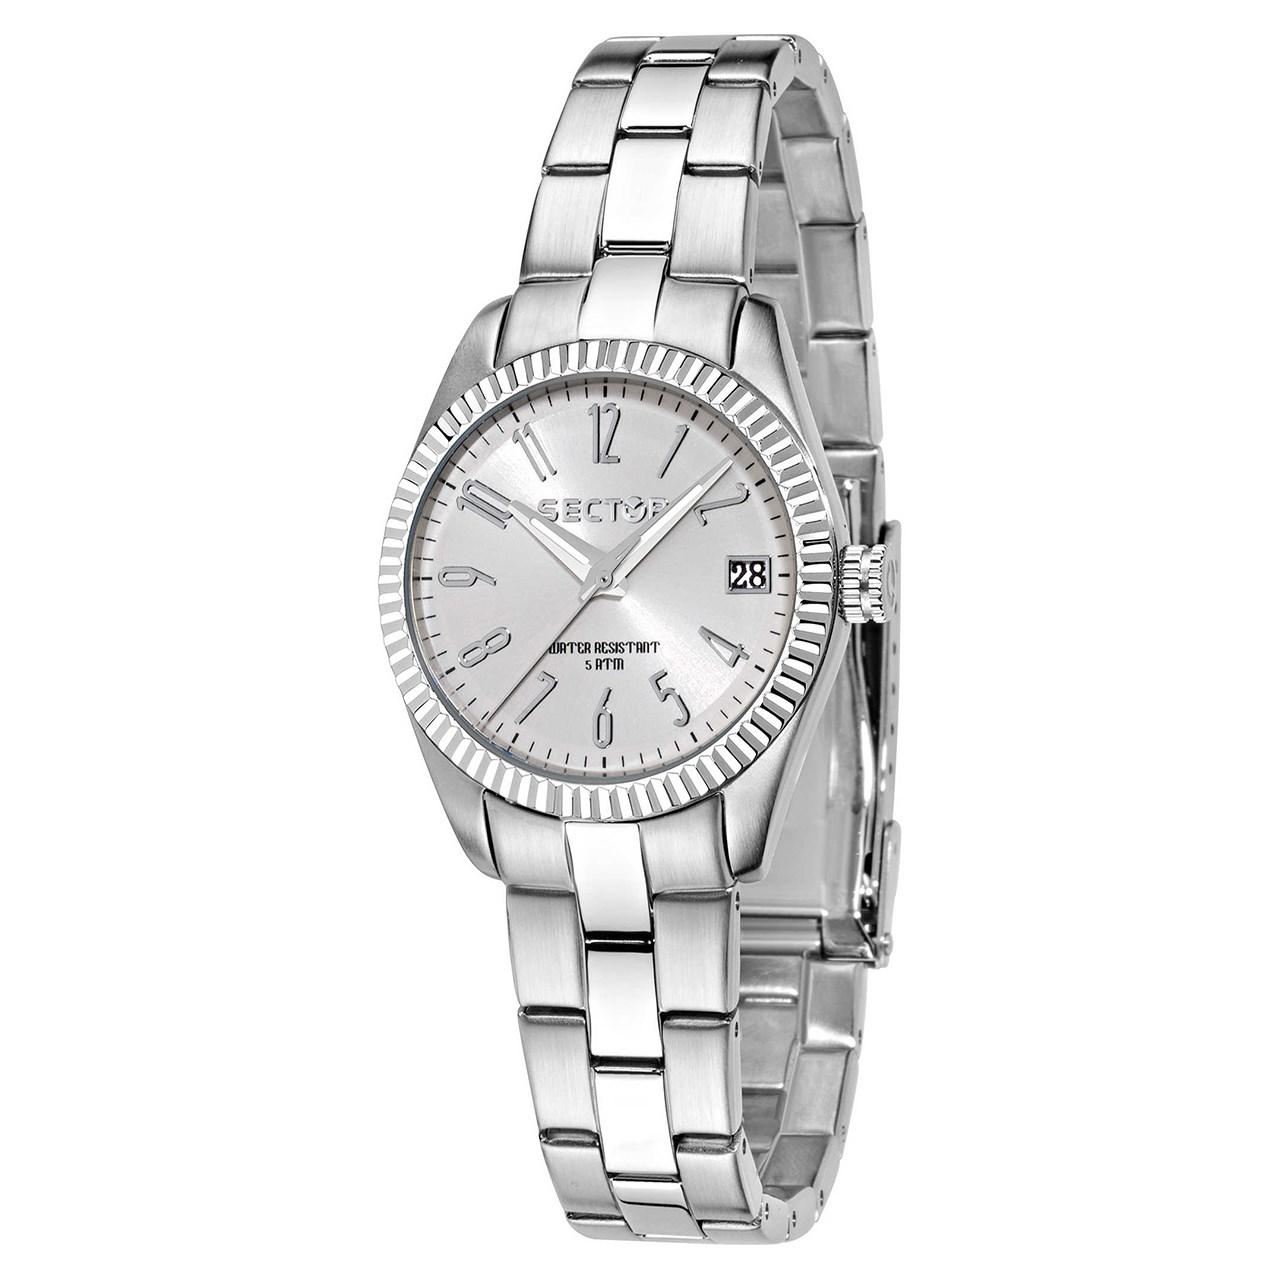 ساعت زنانه برند سکتور مدل 240-3253579518